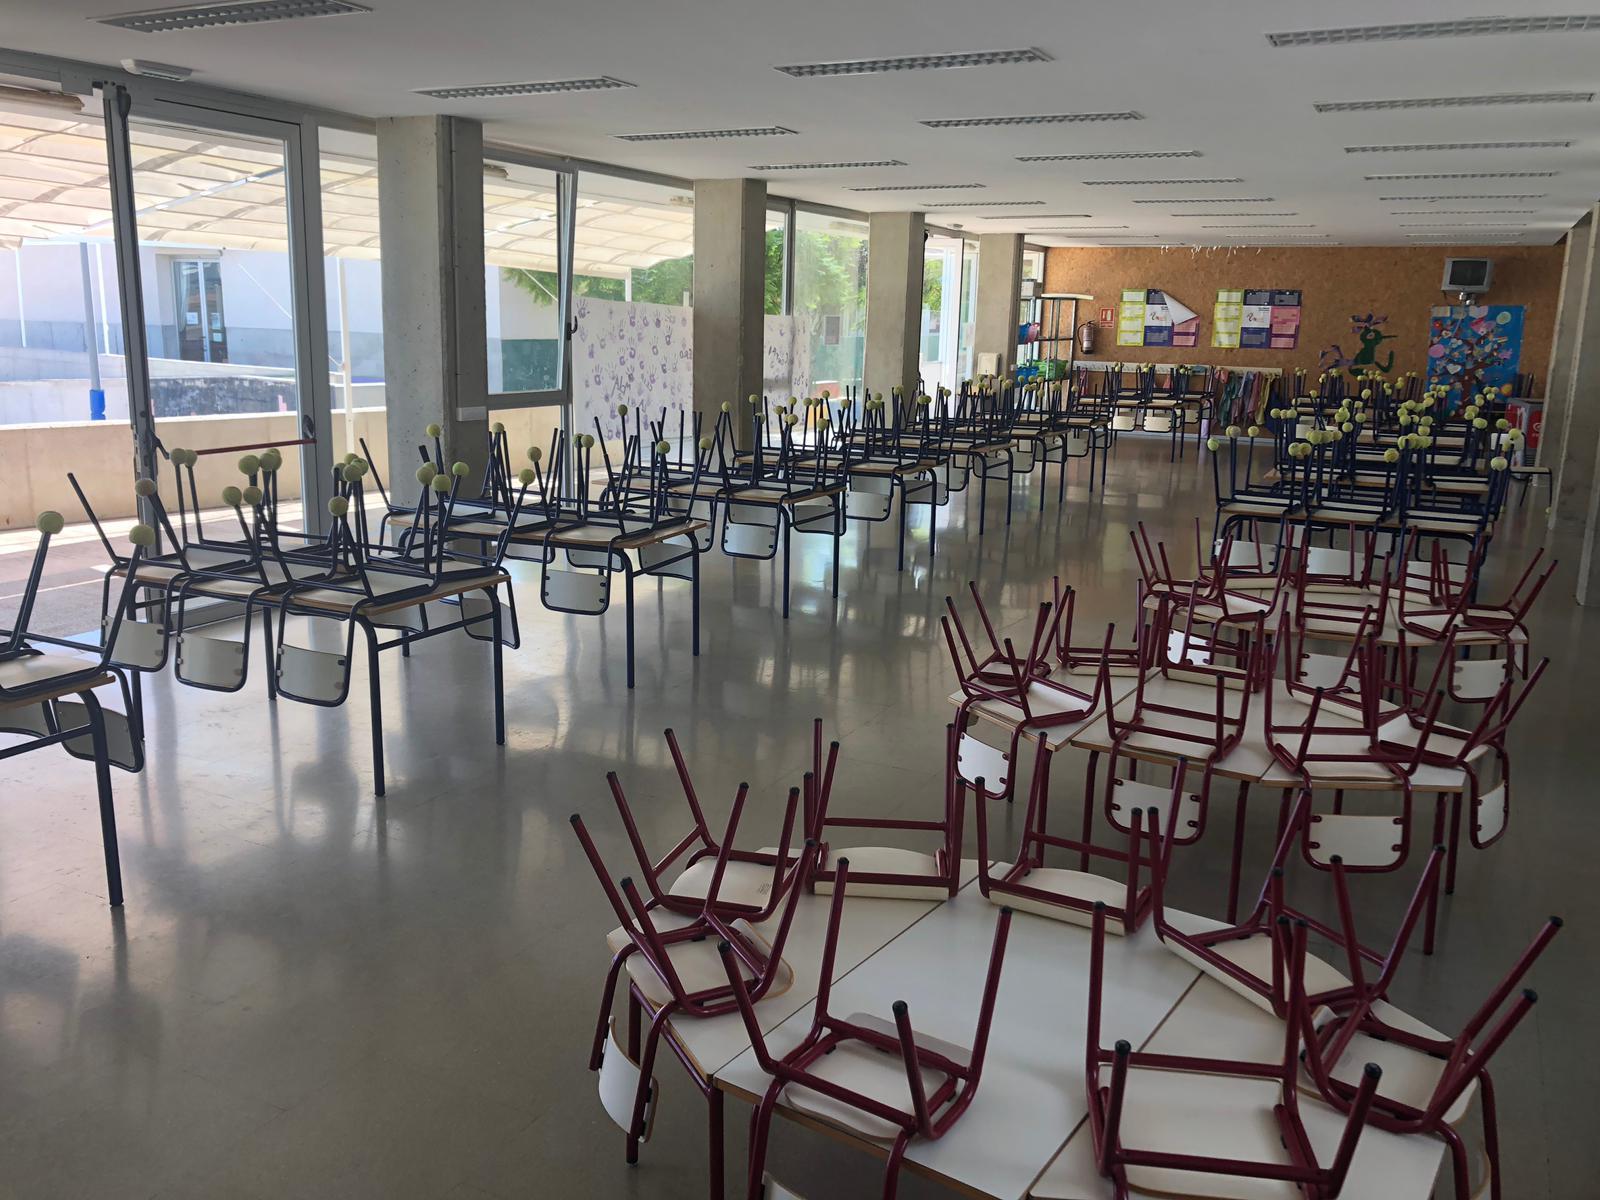 Alcalà, l'Ajuntament adjudica les obres d'insonorització del menjador del col·legi La Mola